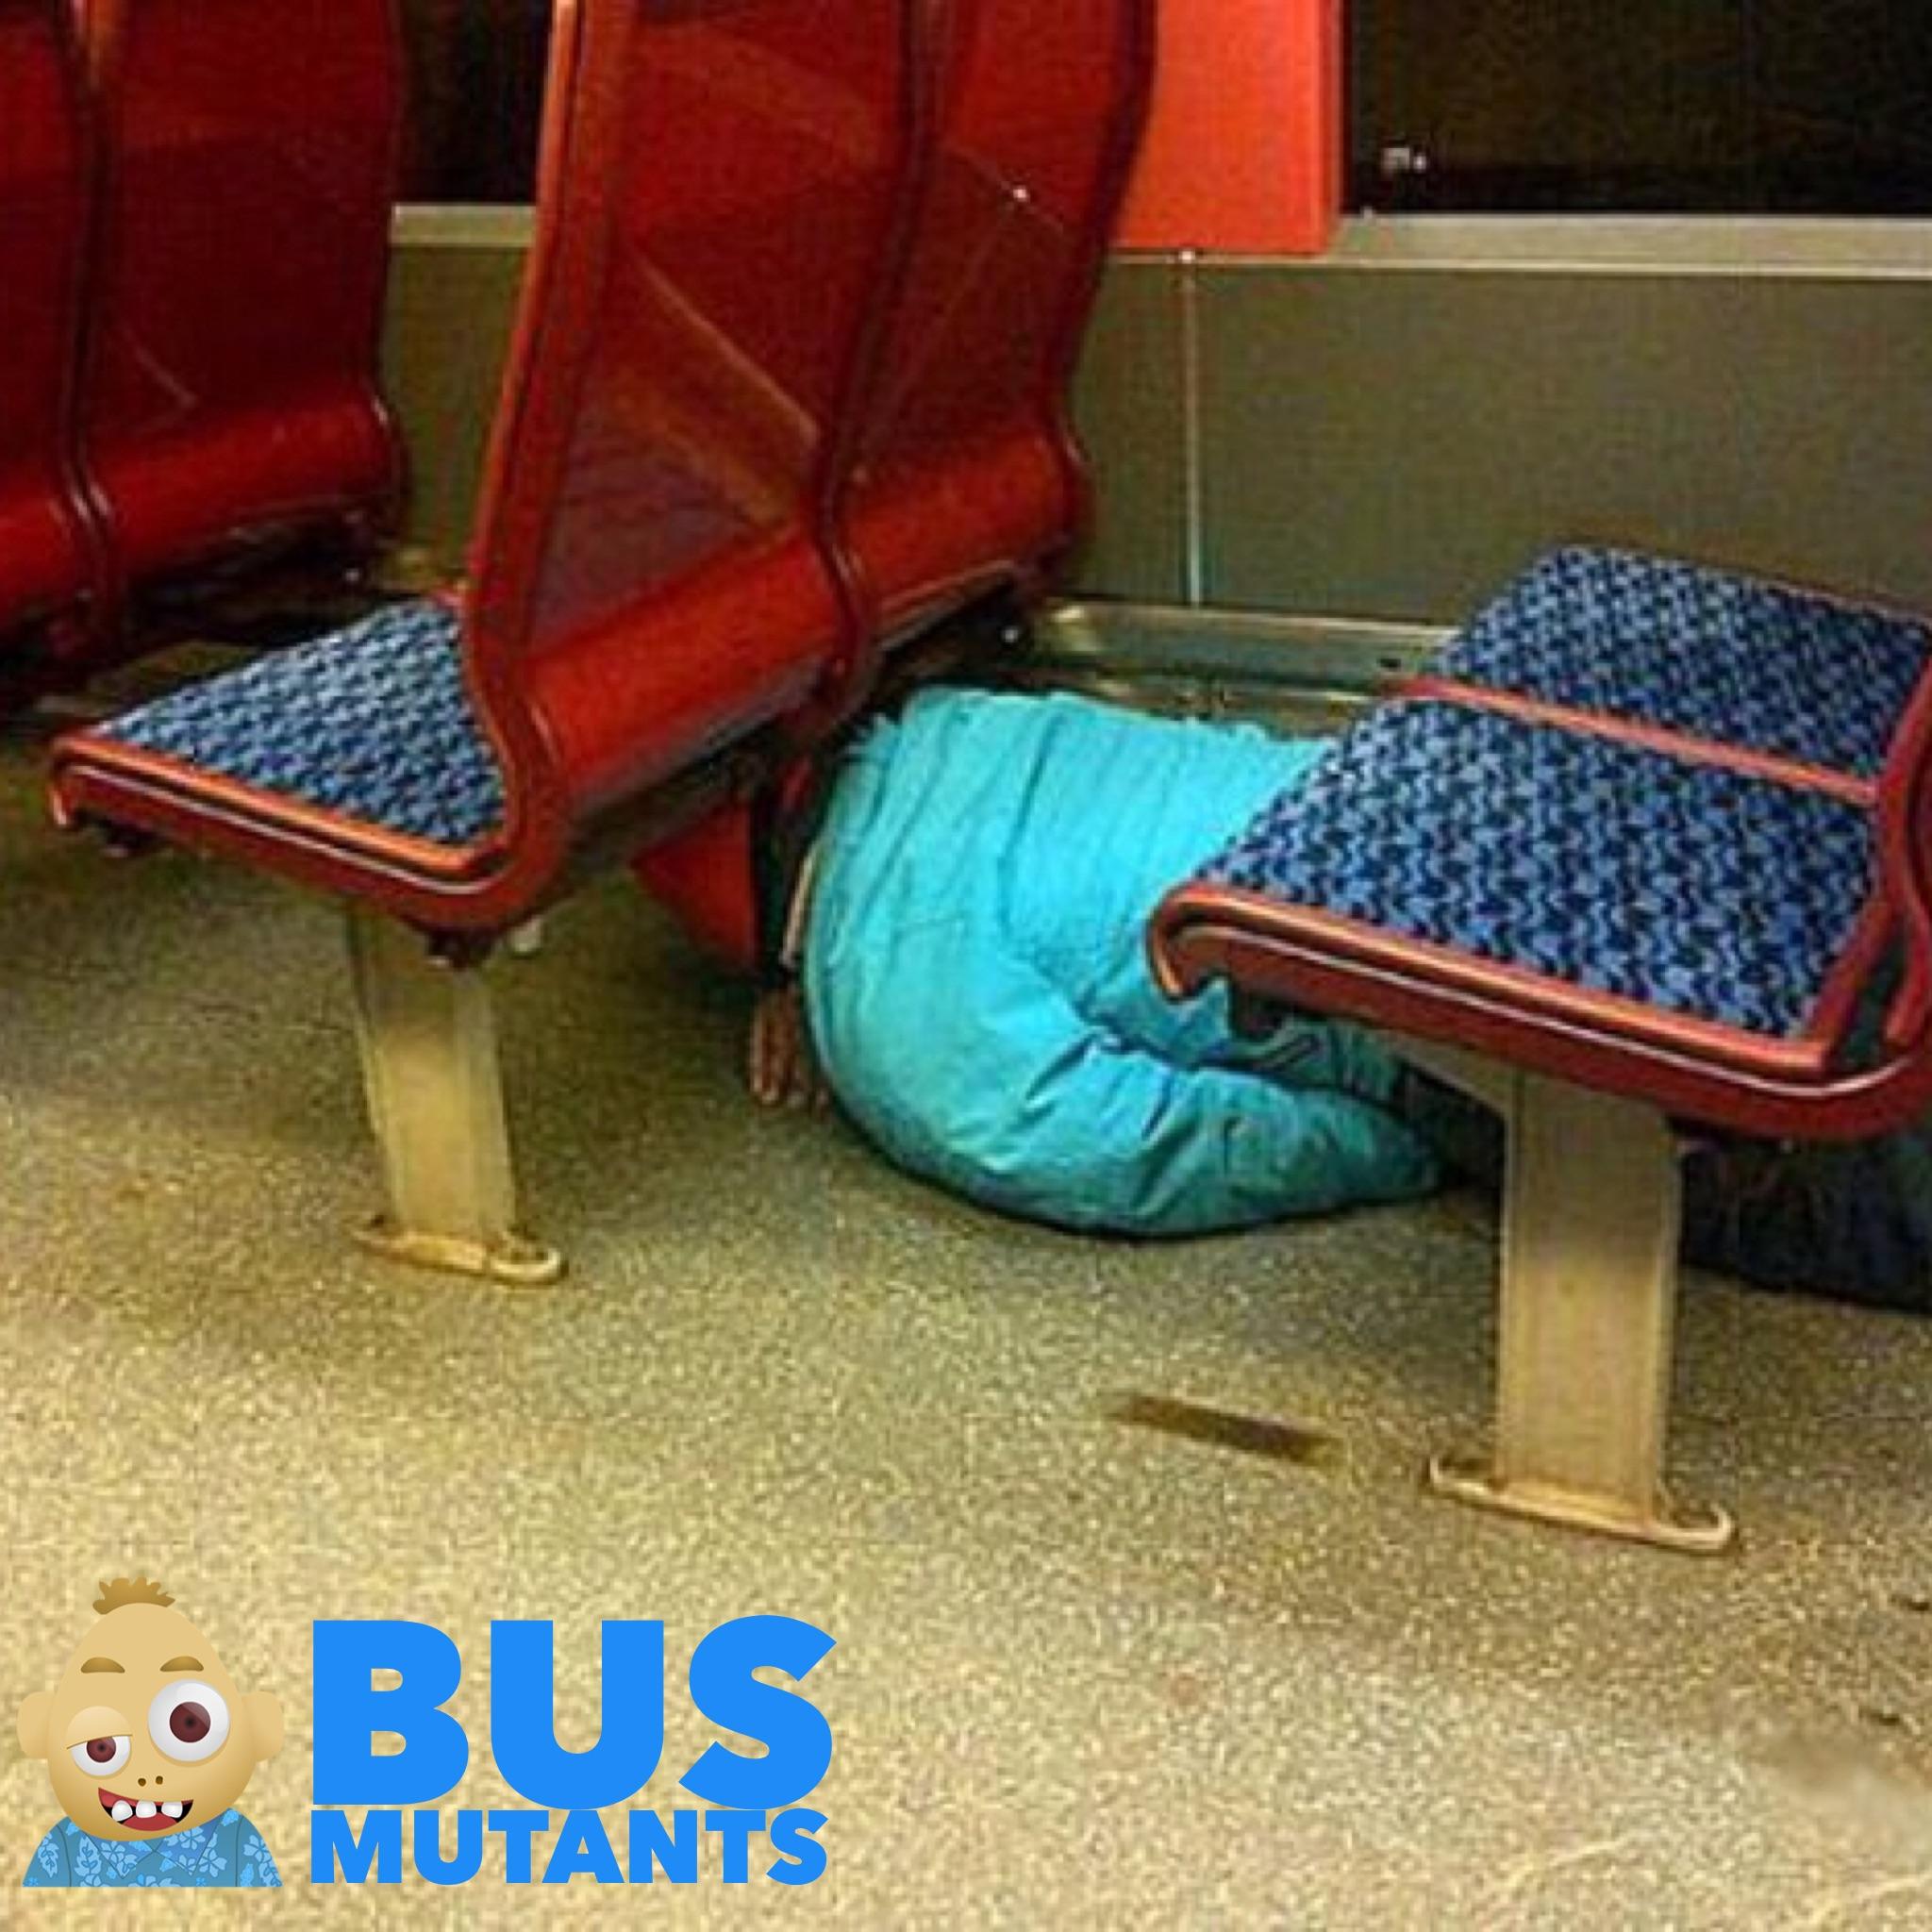 Спящие в транспорте фото 5 фотография